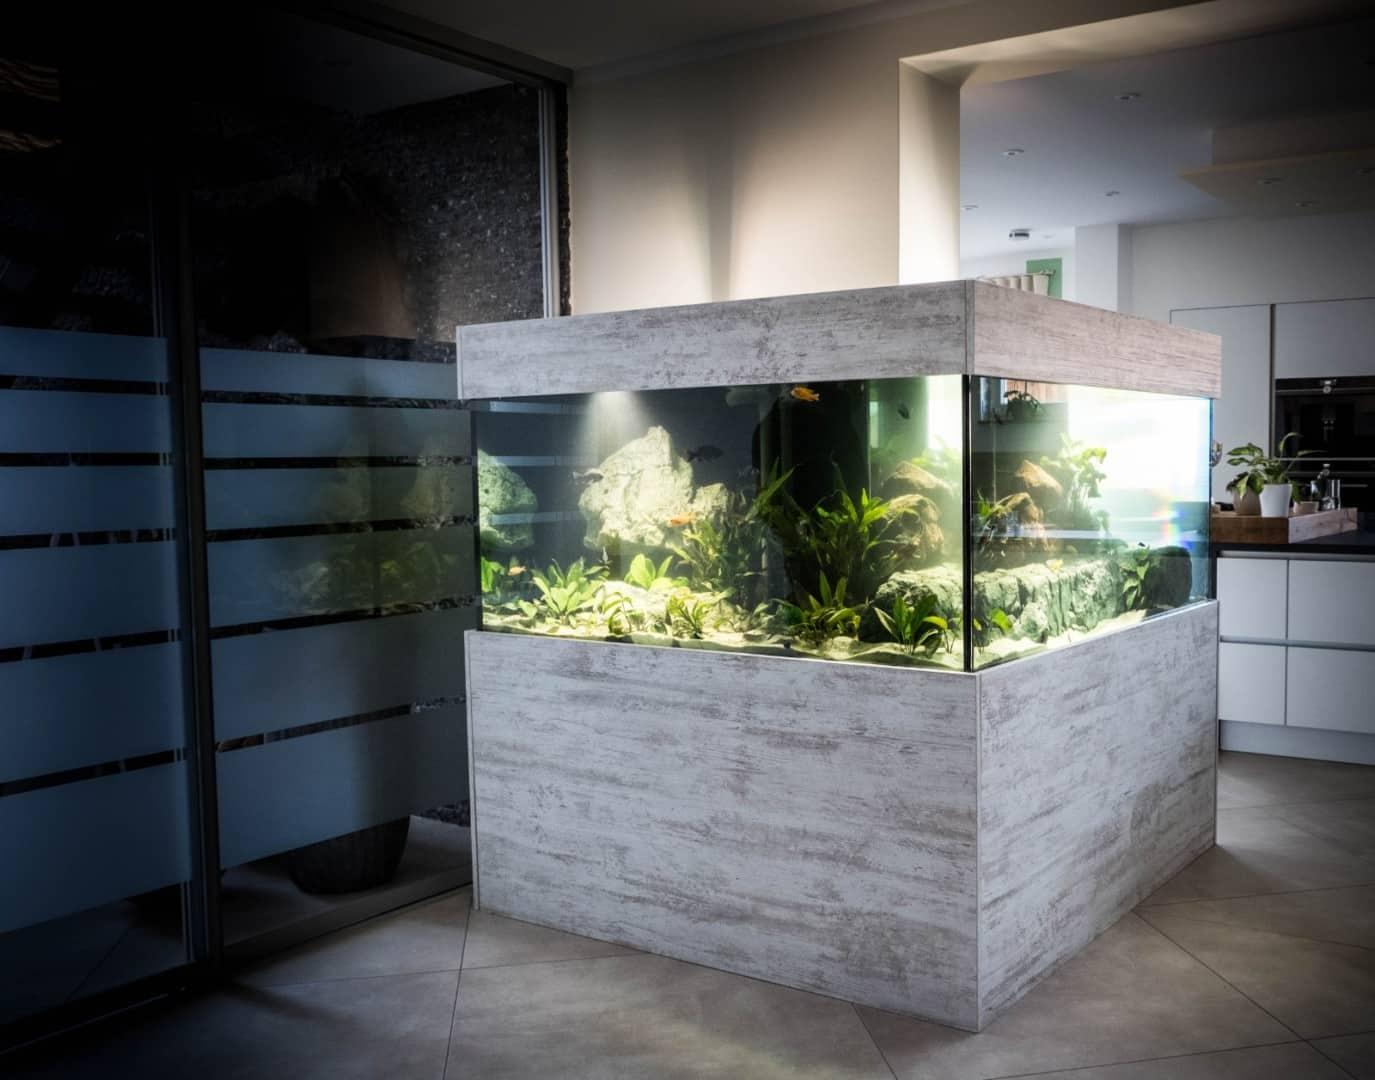 271: Wie wird ein Aquarium gebaut? - Was ist möglich und worauf man achten muss (Sylvio Pönisch) 6